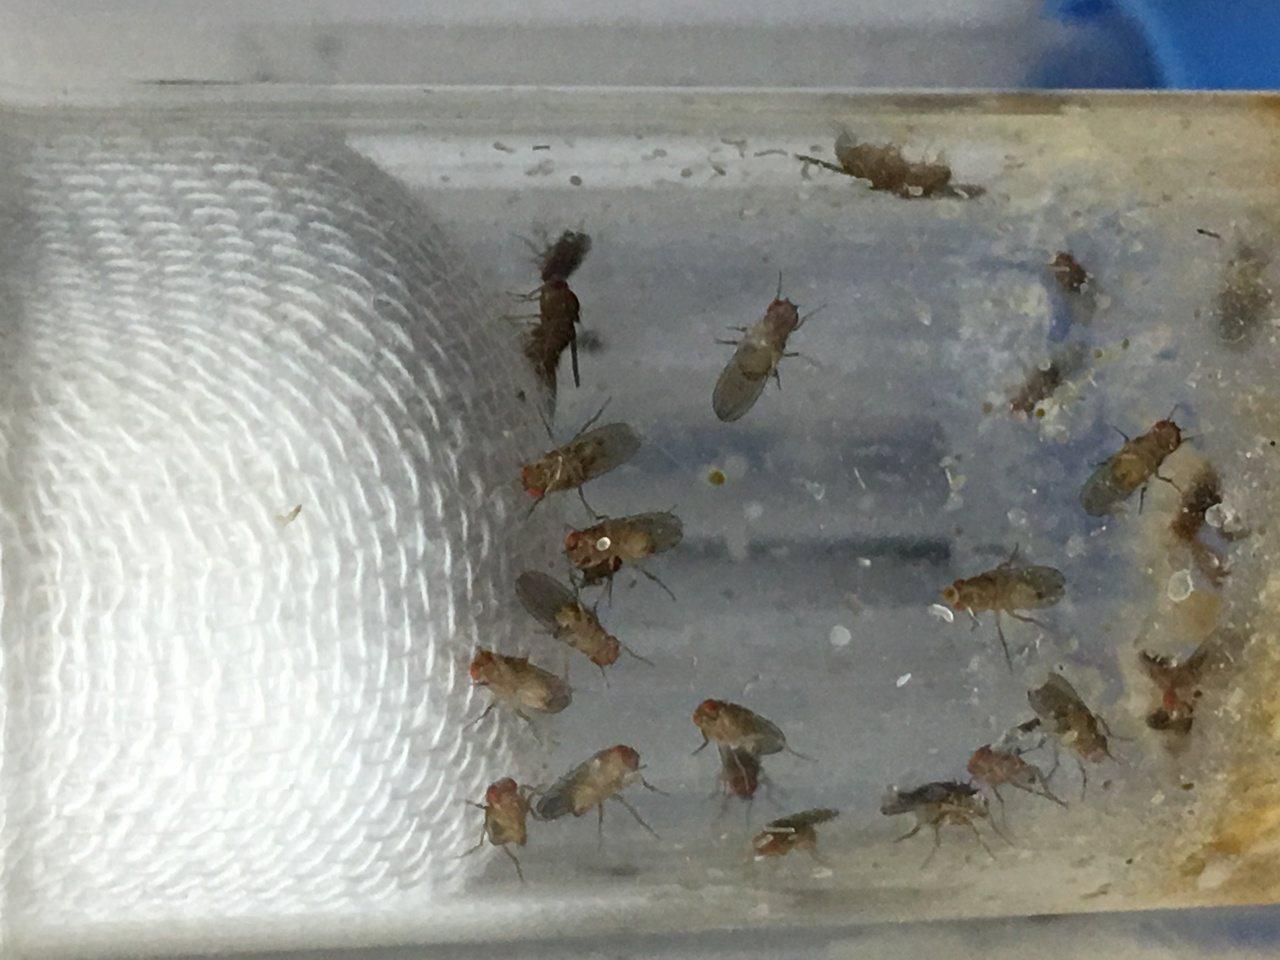 培養中的紅眼果蠅。圖/嘉南藥理大學提供